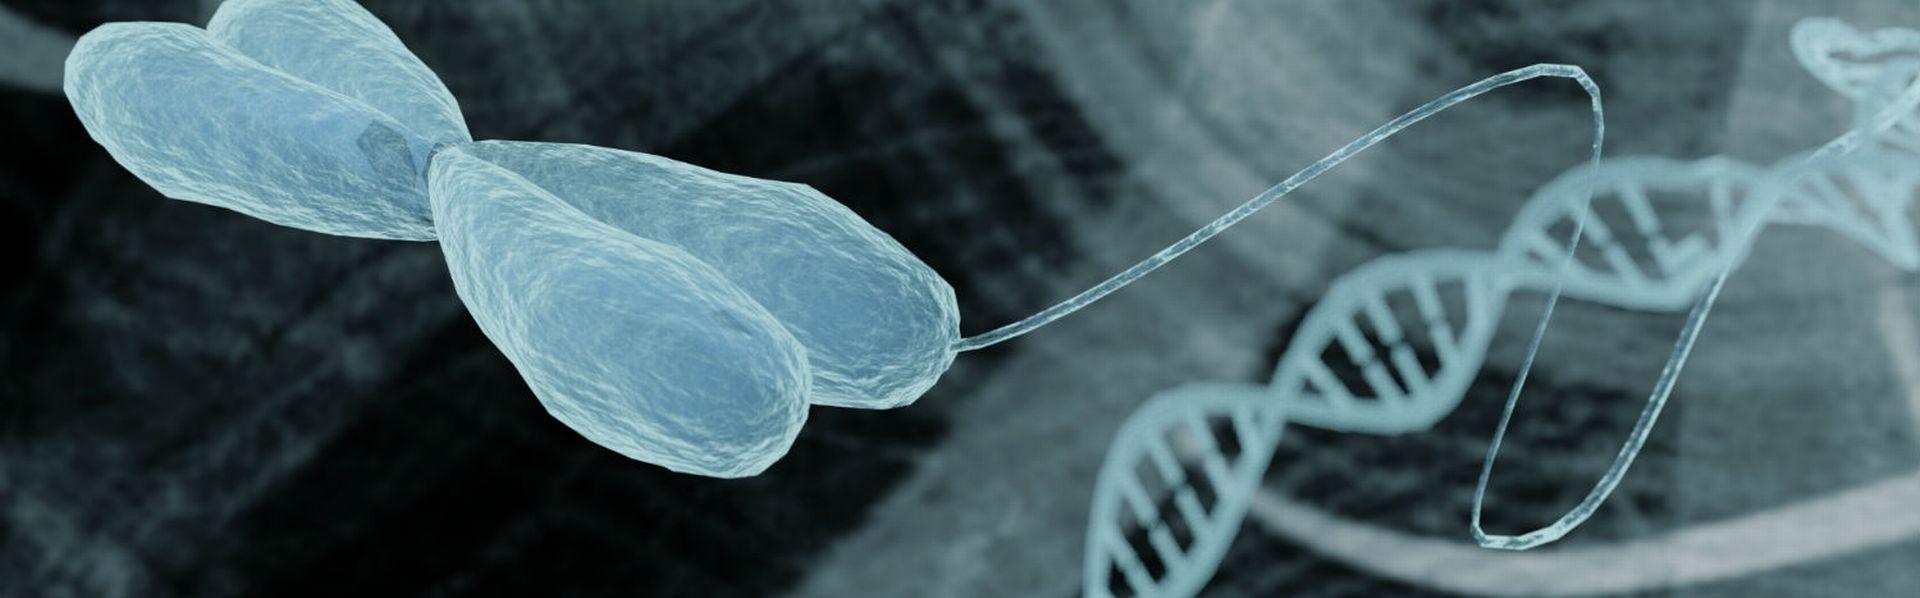 Le dossier sur la bioinformatique de RTS Découverte [© catalin - Fotolia]